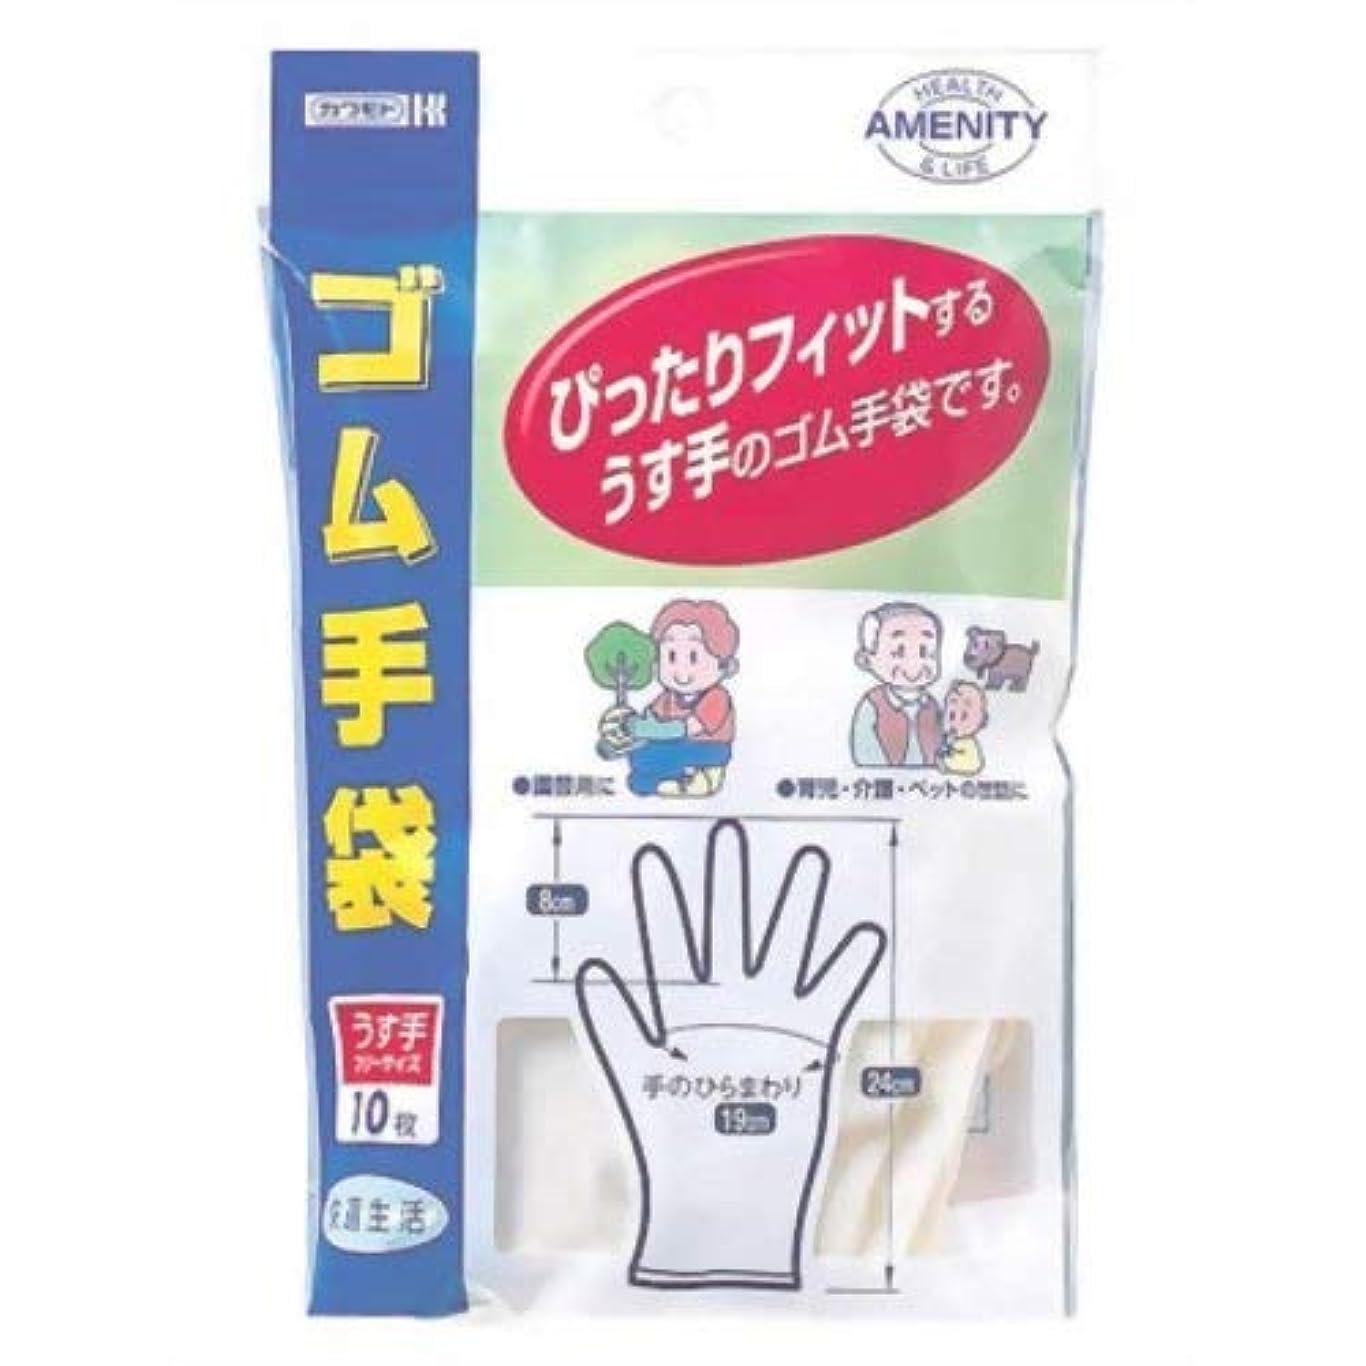 コマース有利作成するカワモト ゴム手袋 10枚 ×3個